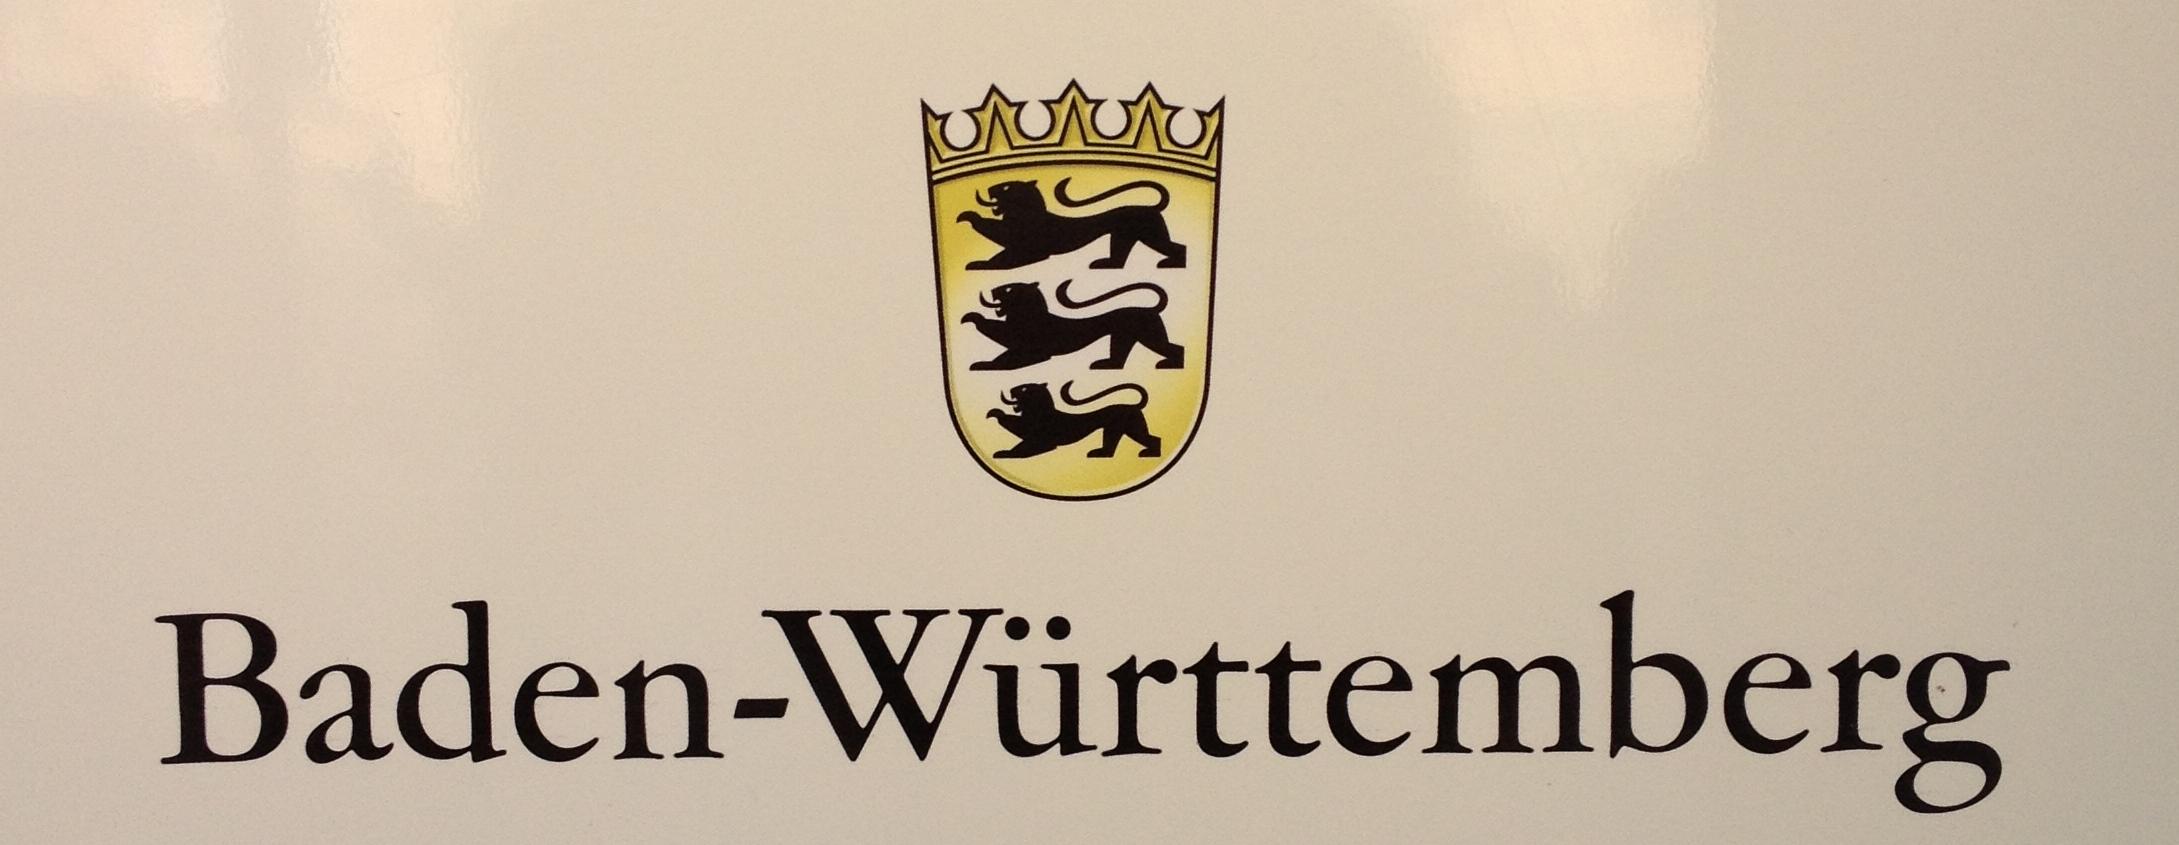 escudo baden-württemberg